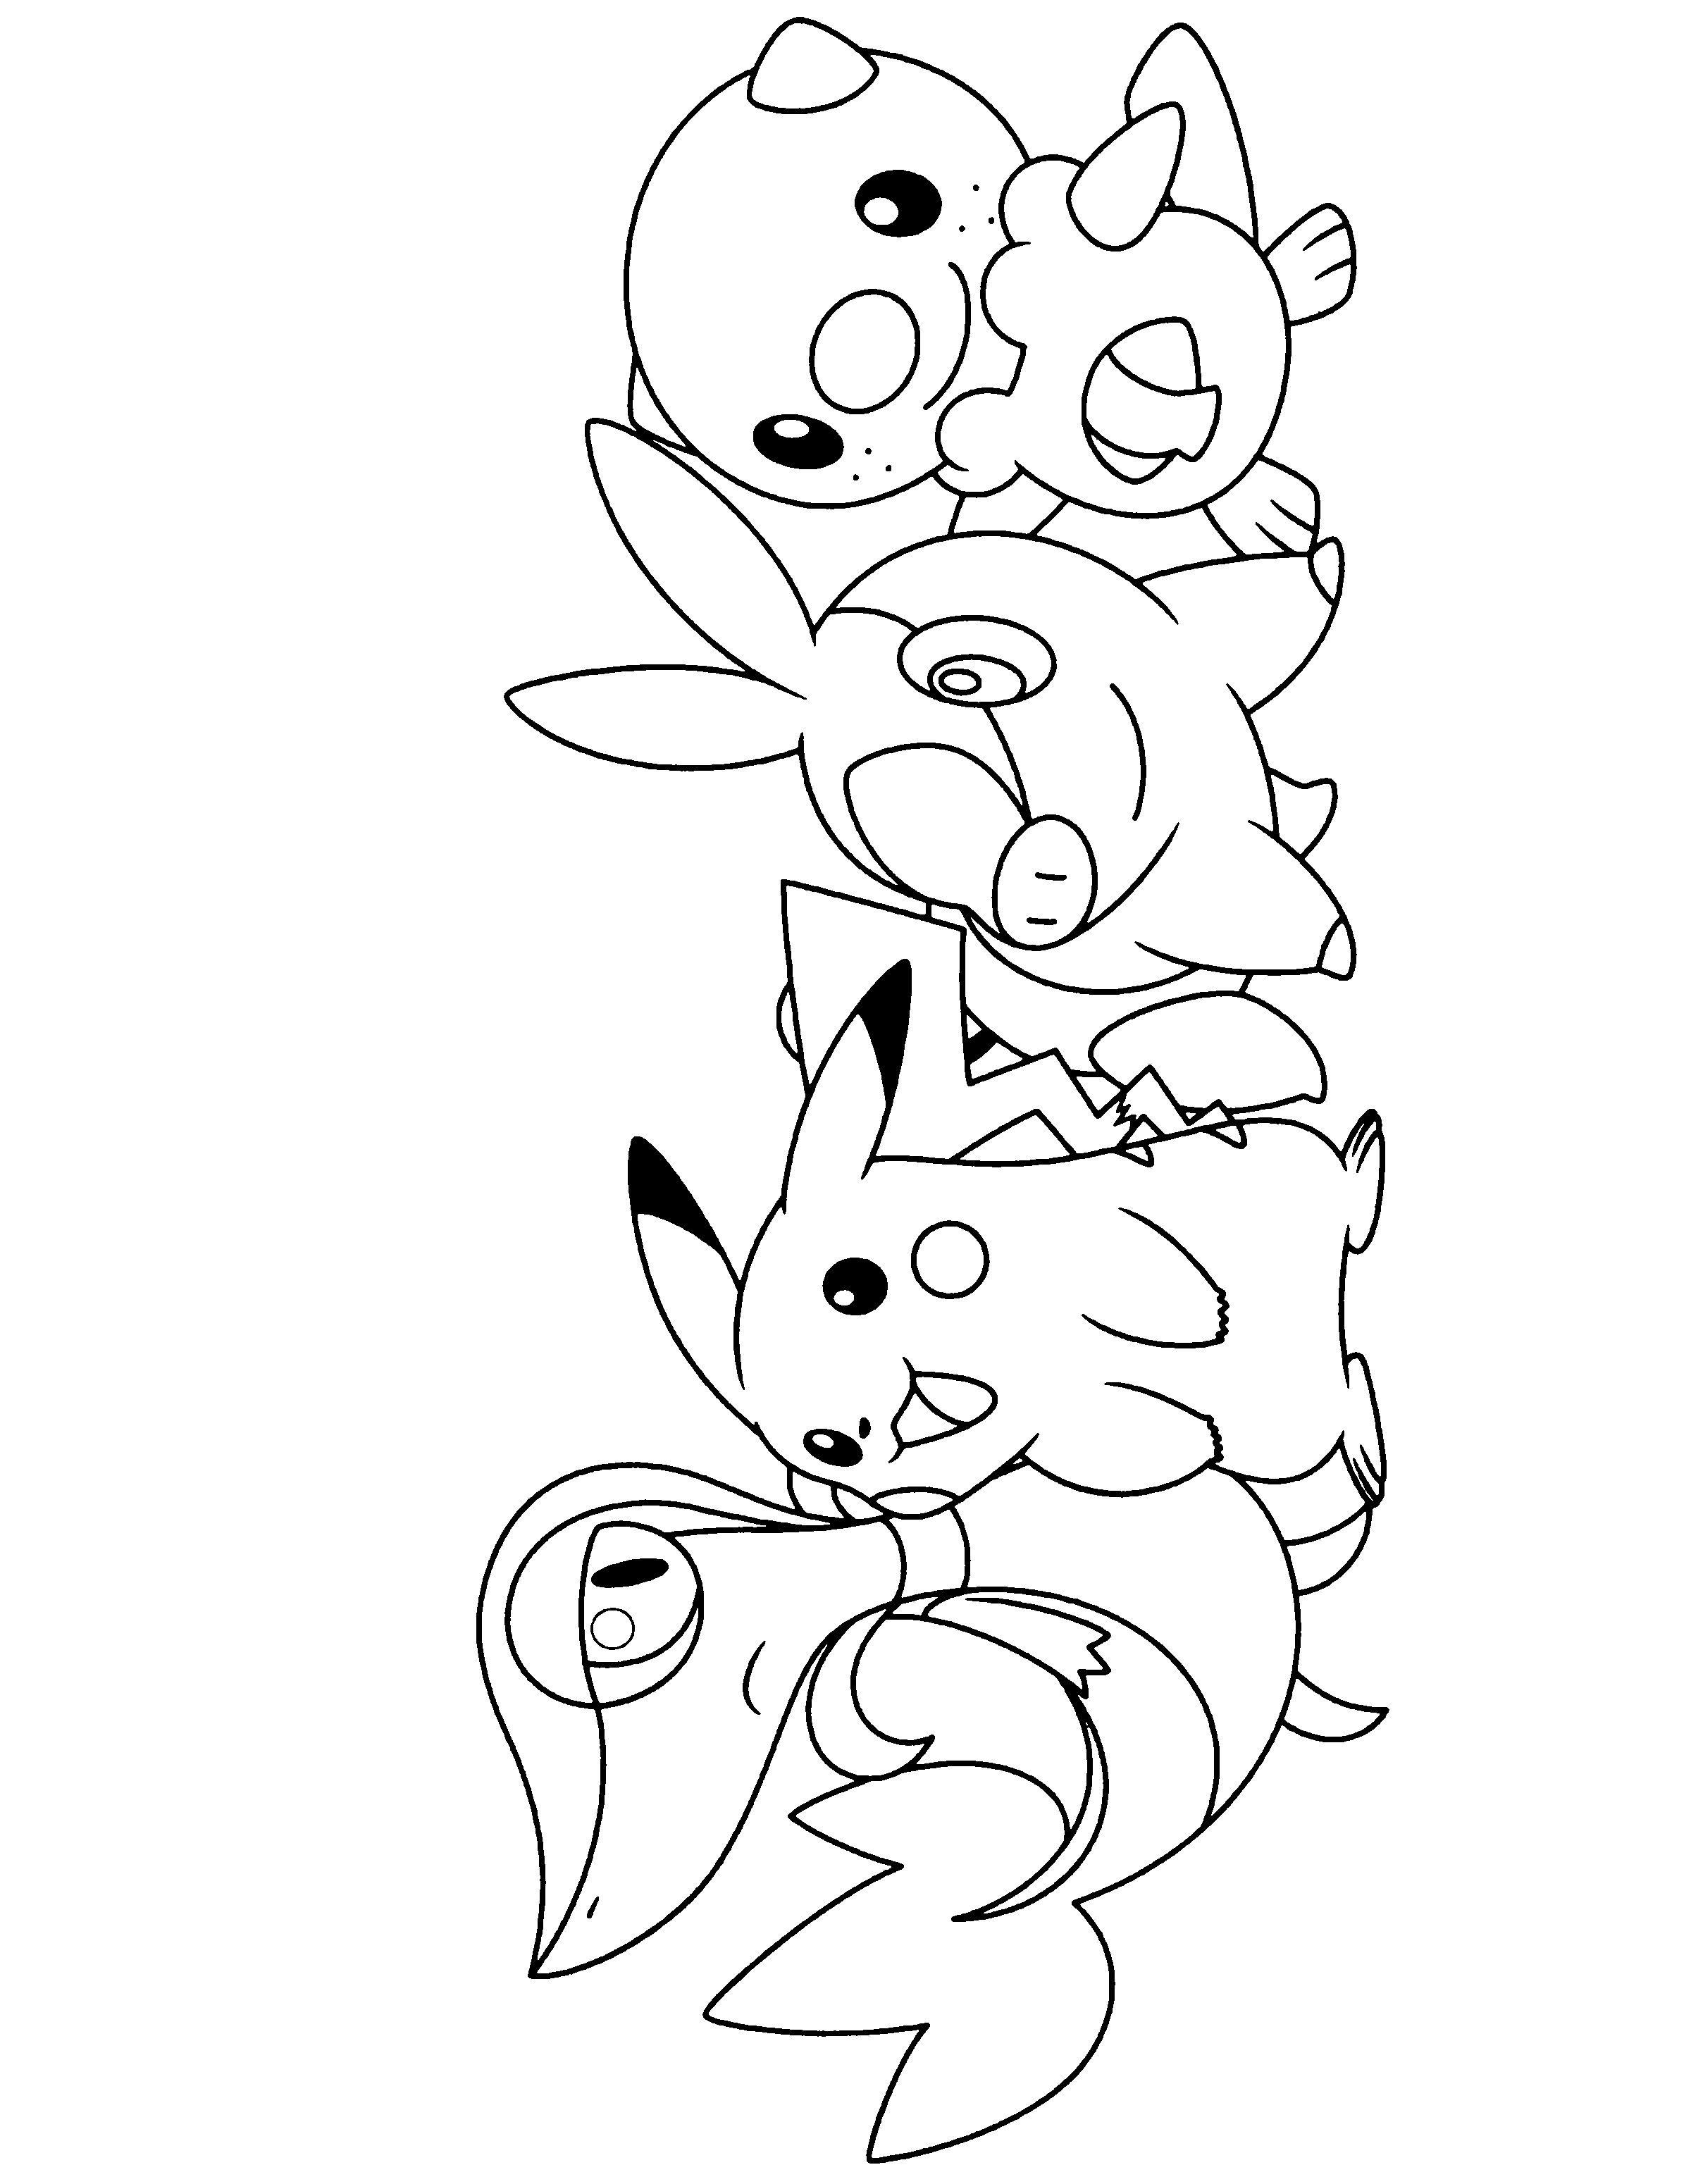 Coloring Pokemon Black And White Through The Thousand